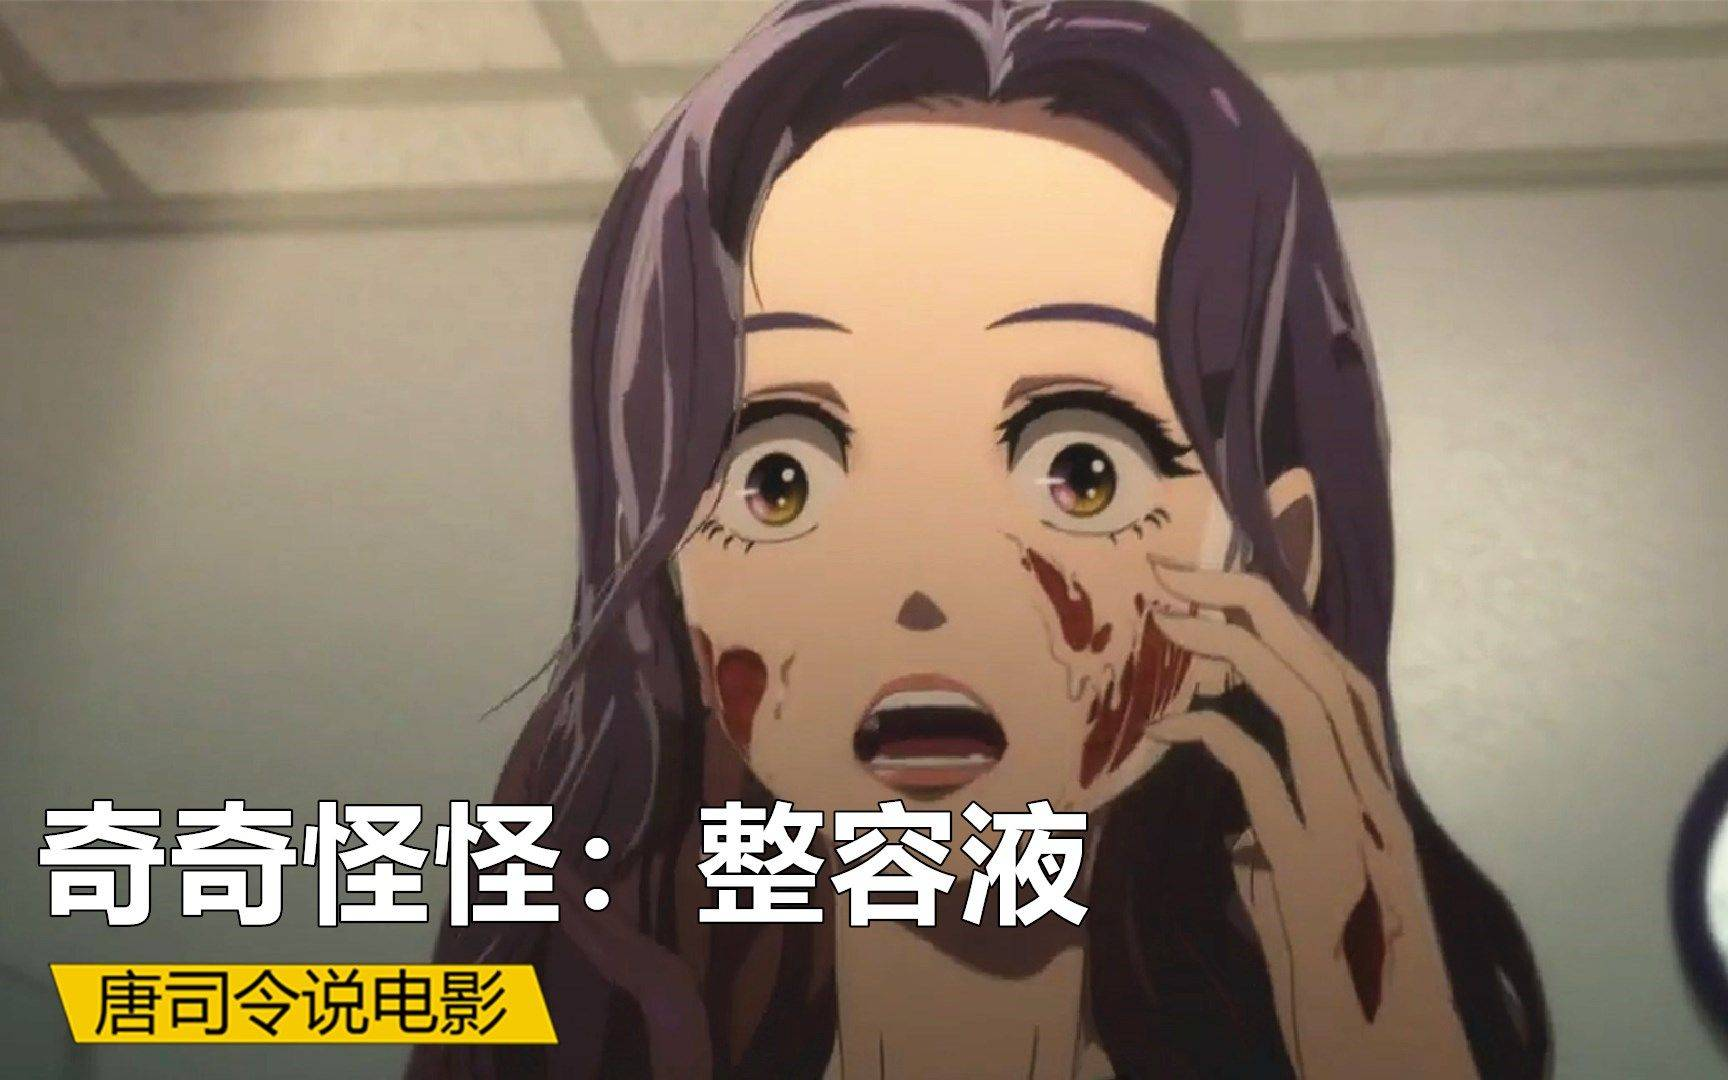 神奇药水浸泡身体20分钟, 就能捏出完美身材, 韩国动画《整容液》